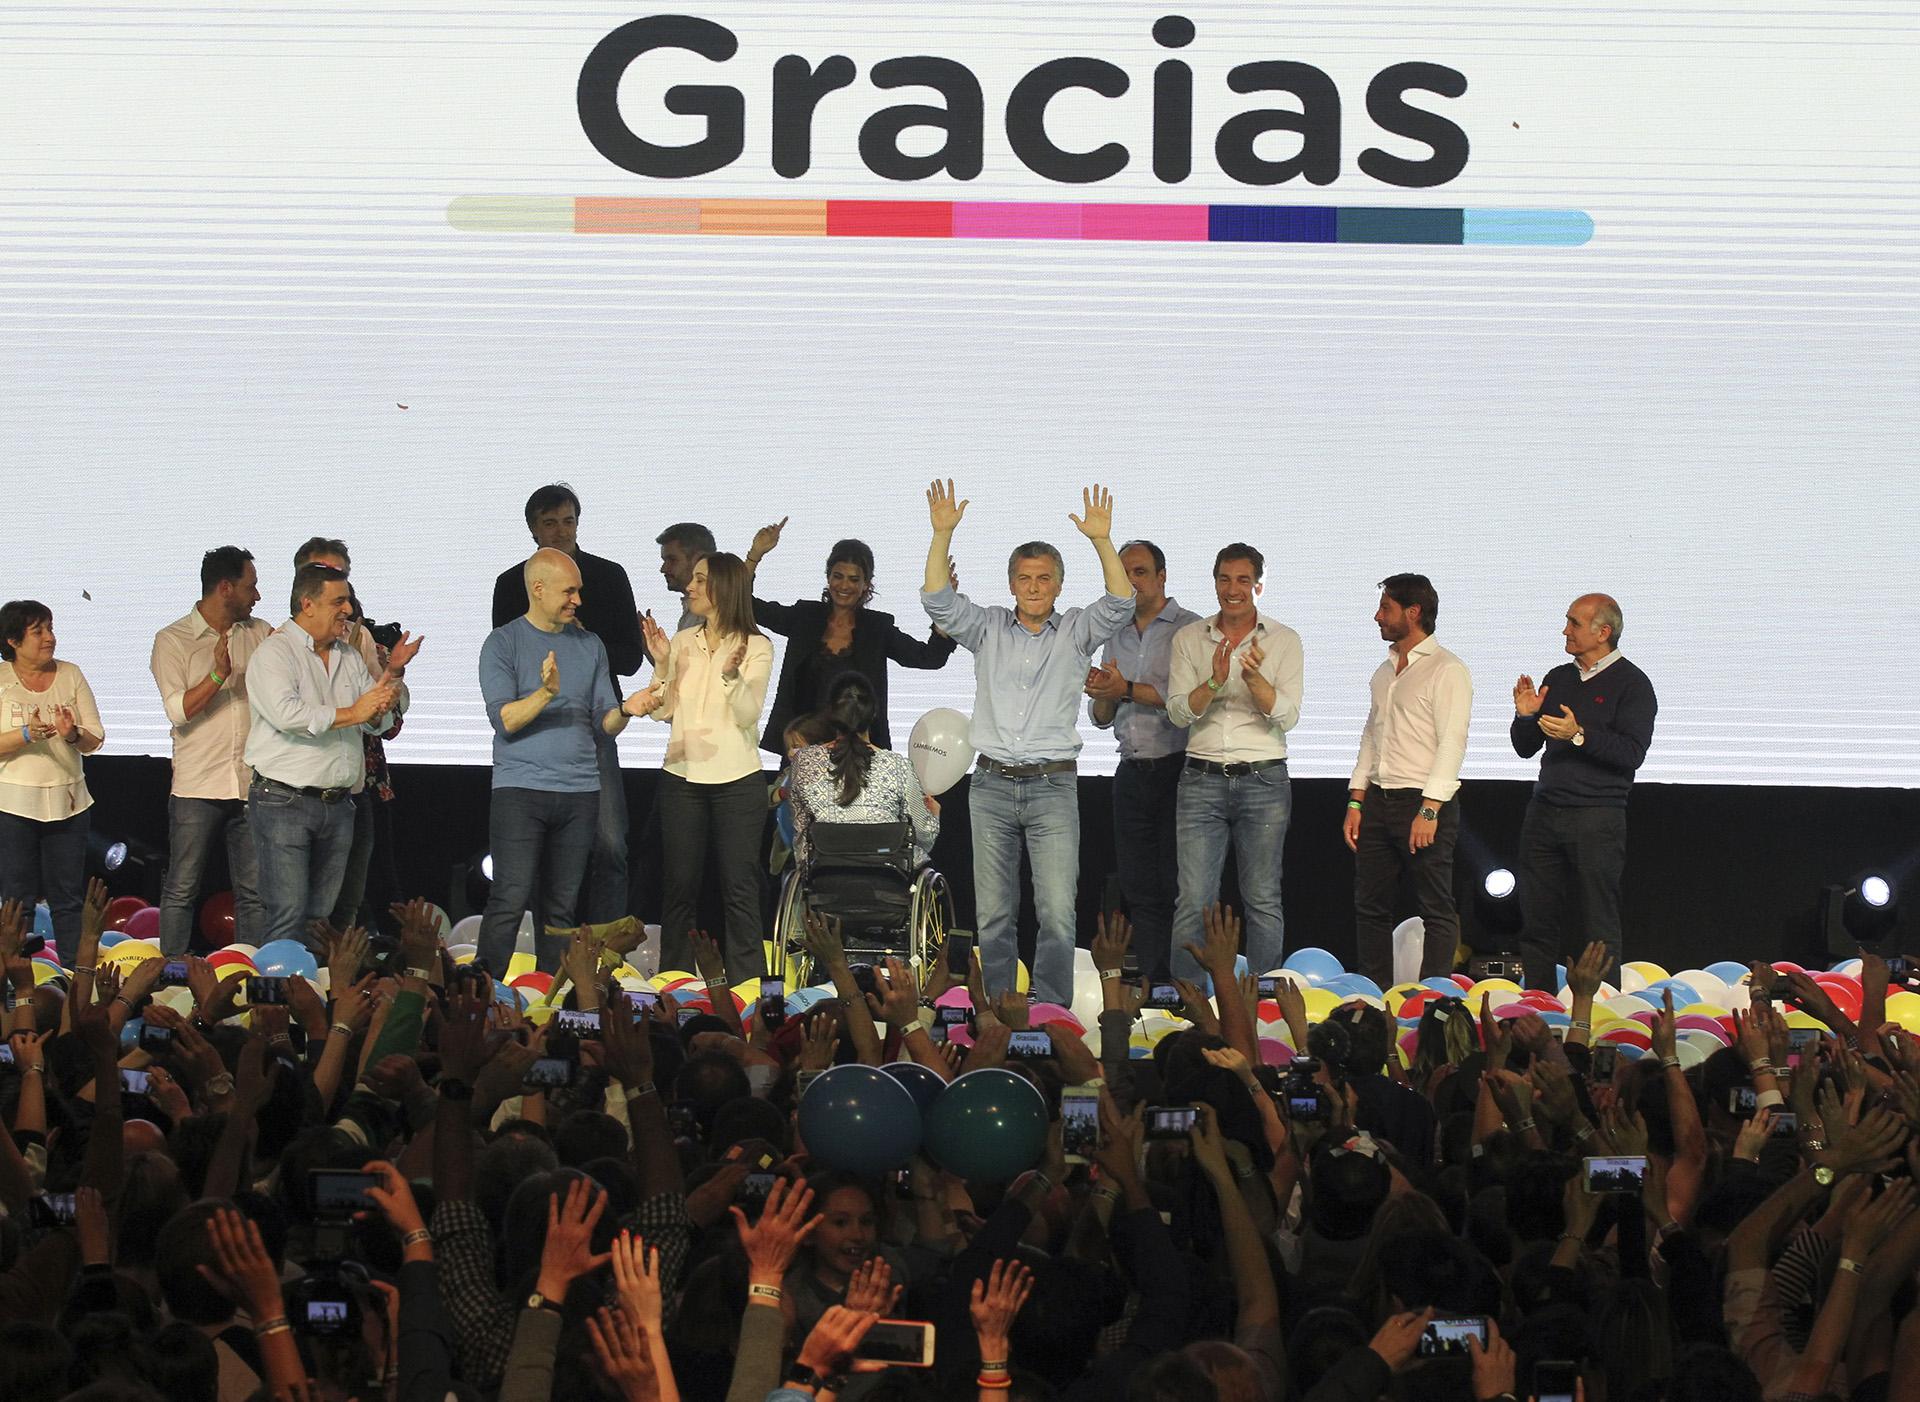 2017. Festejo en el búnker de Cambiemos tras ganar las victorias obtenidas en las elecciones legislativas de 2017.